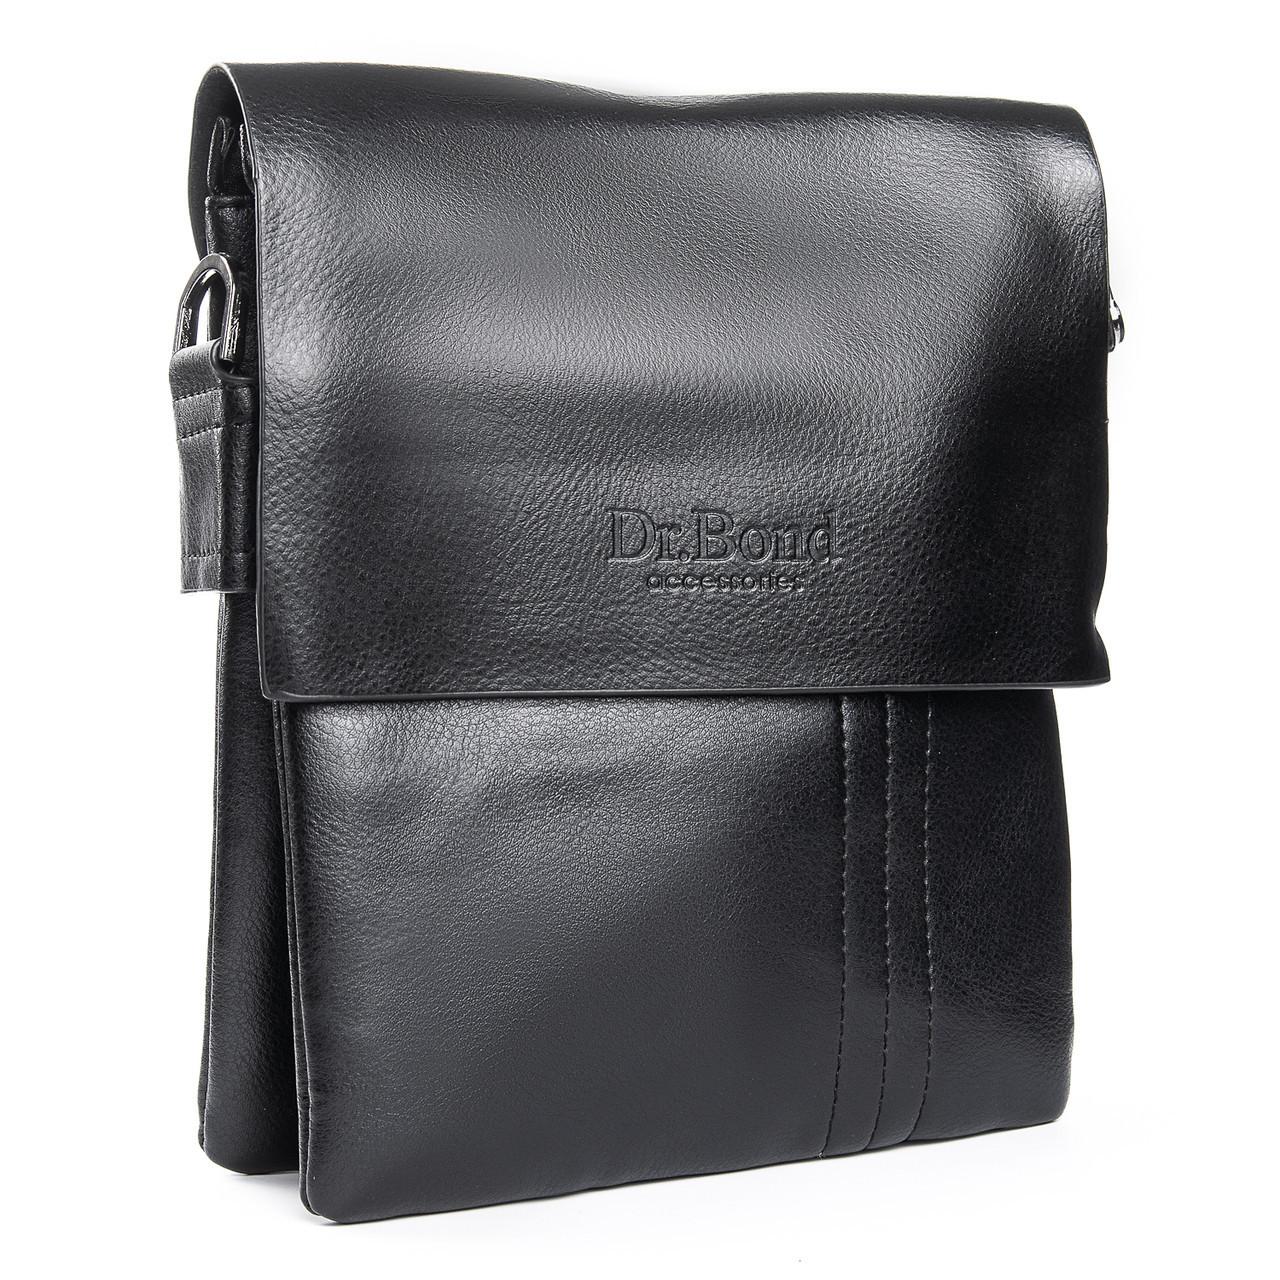 Мужская сумка из экокожи классическая DR. BOND (23*19*5 см) GL 305-2 black